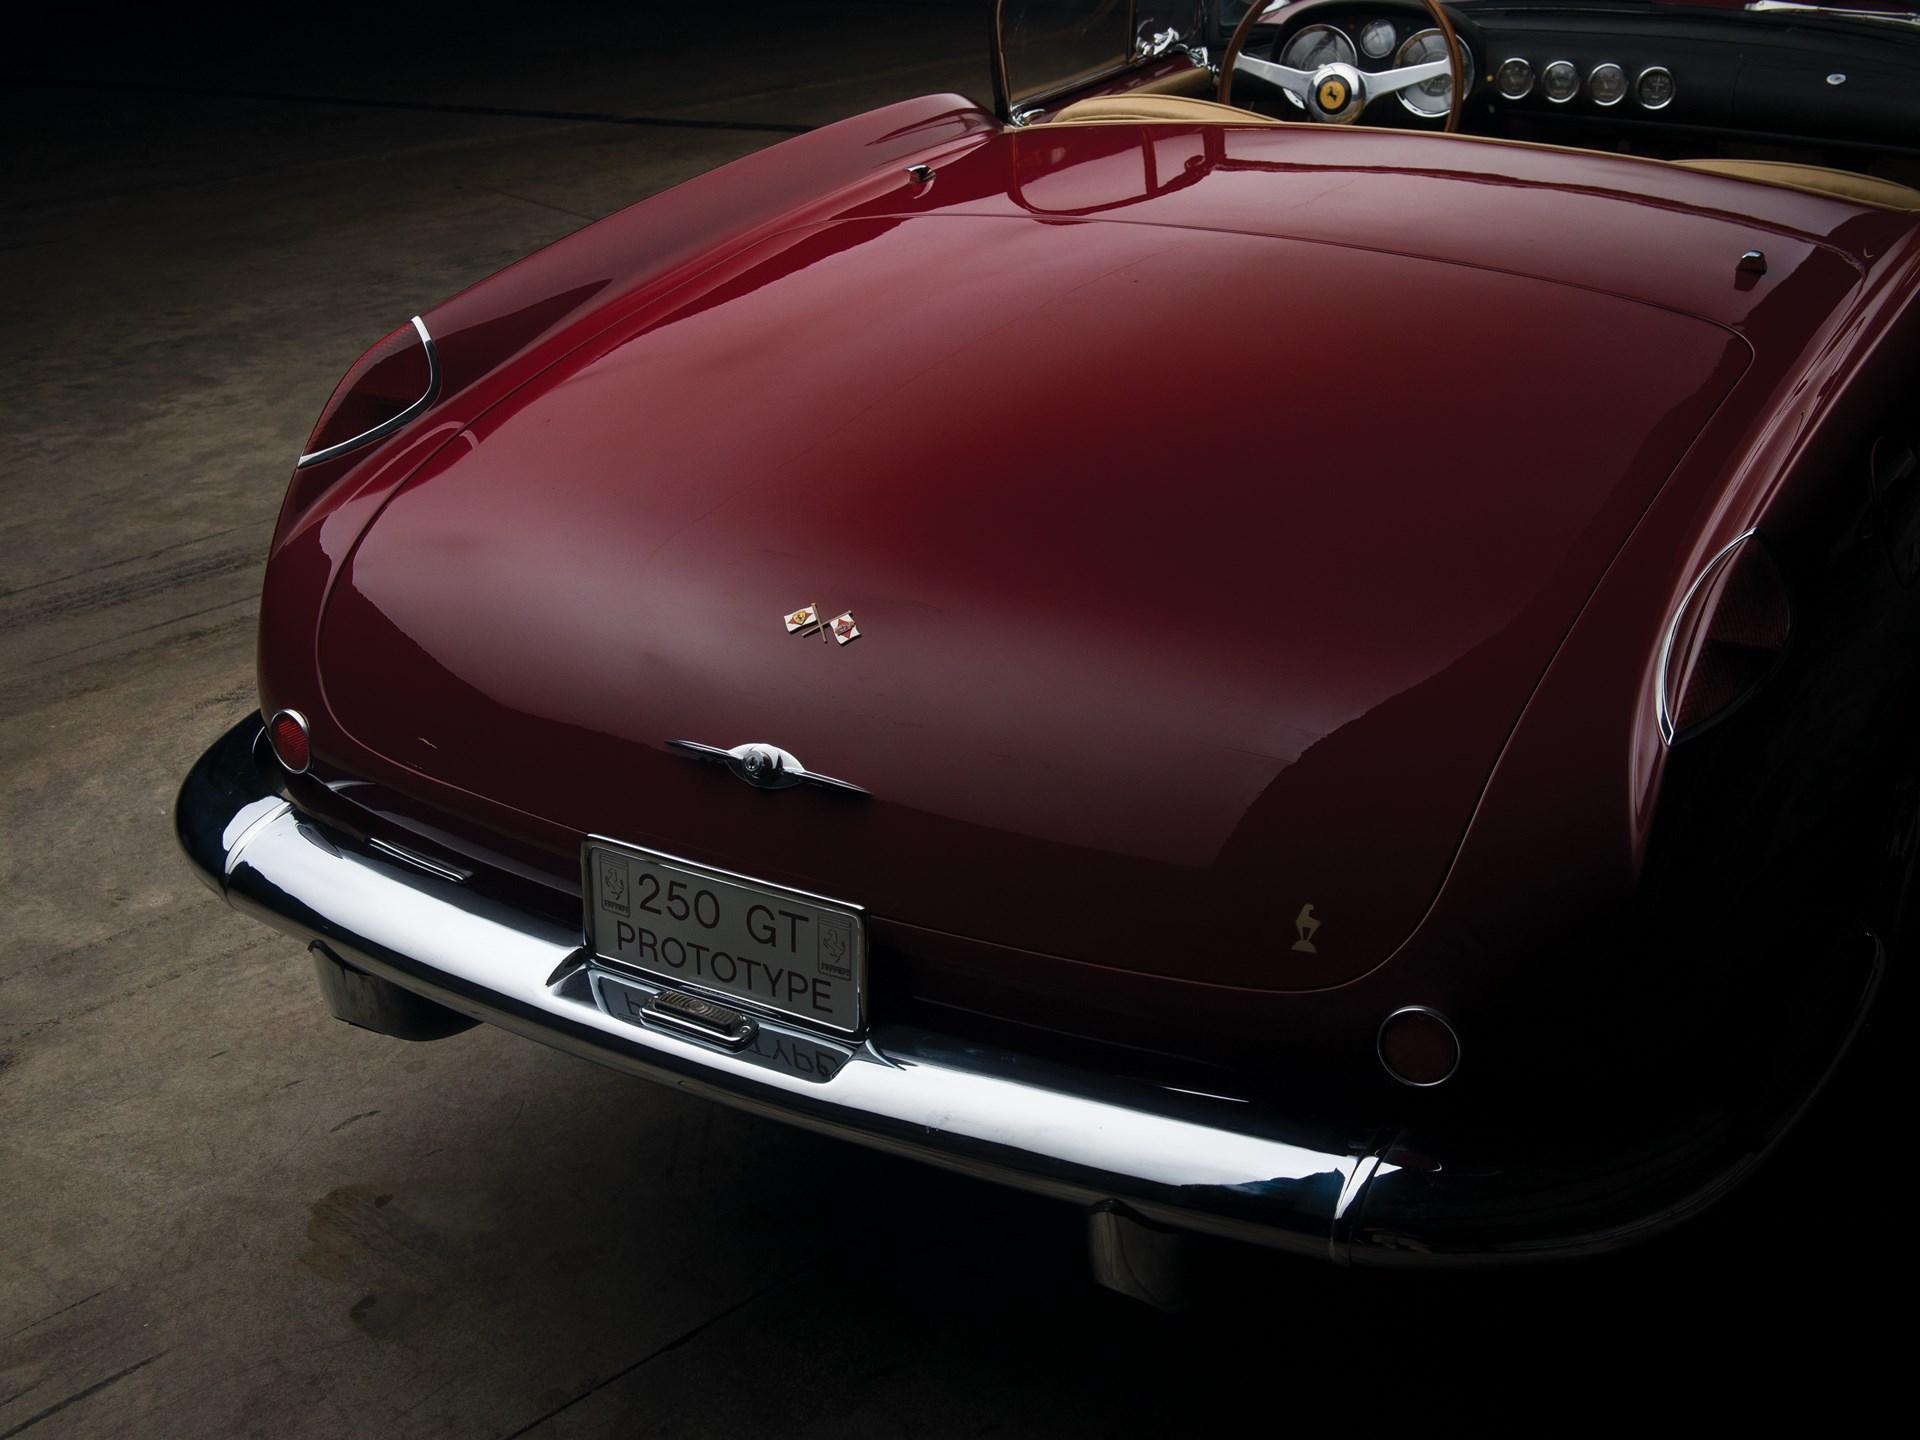 1957 Ferrari 250 GT Cabriolet Series I by Pinin Farina